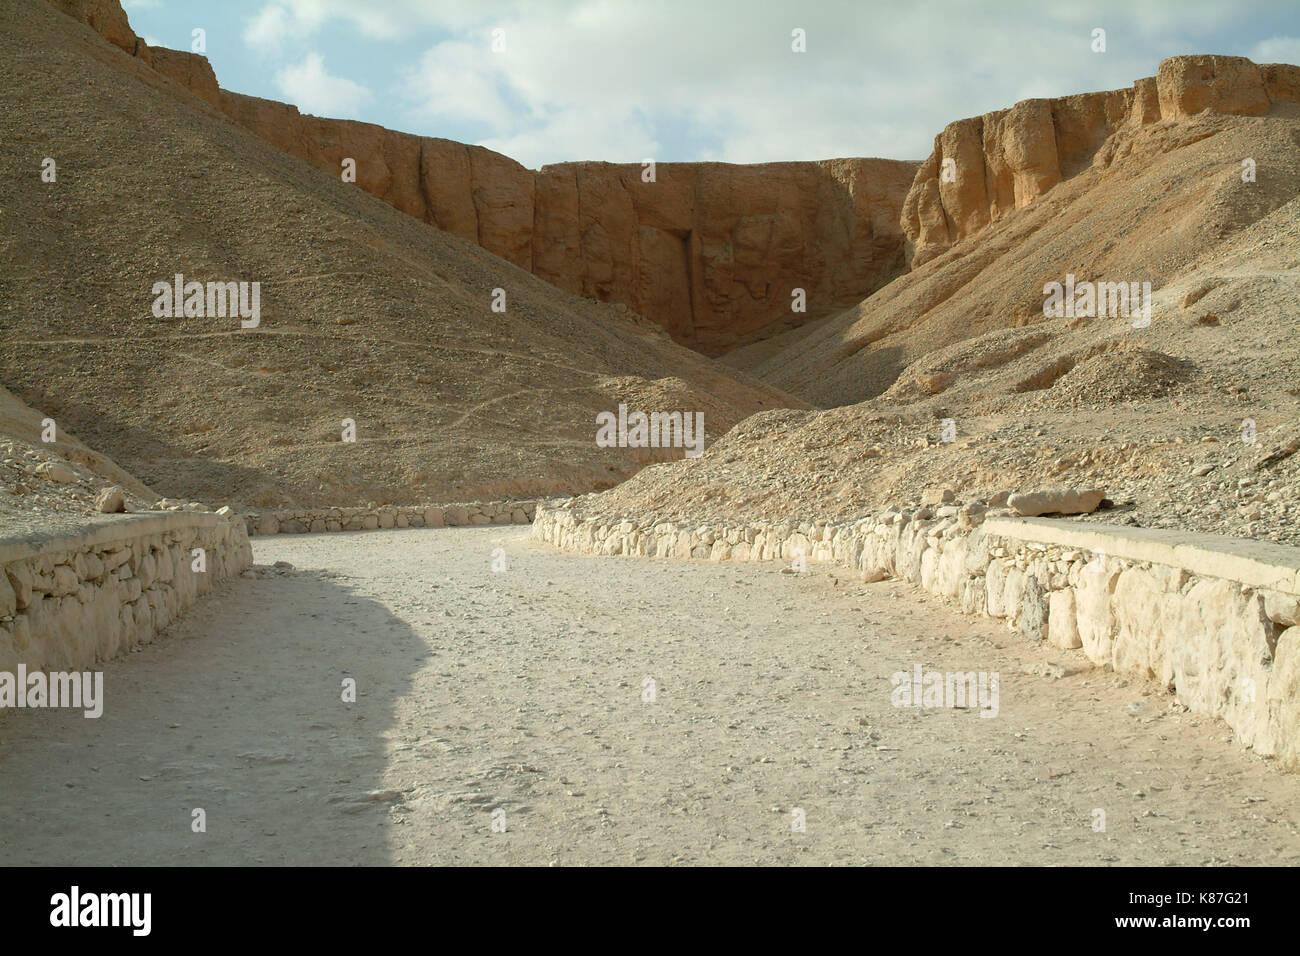 Les tombes de la Vallée des Rois sans peuple, Thèbes, Louxor, Site du patrimoine mondial de l'UNESCO, l'Égypte, l'Afrique du Nord, Afrique Photo Stock